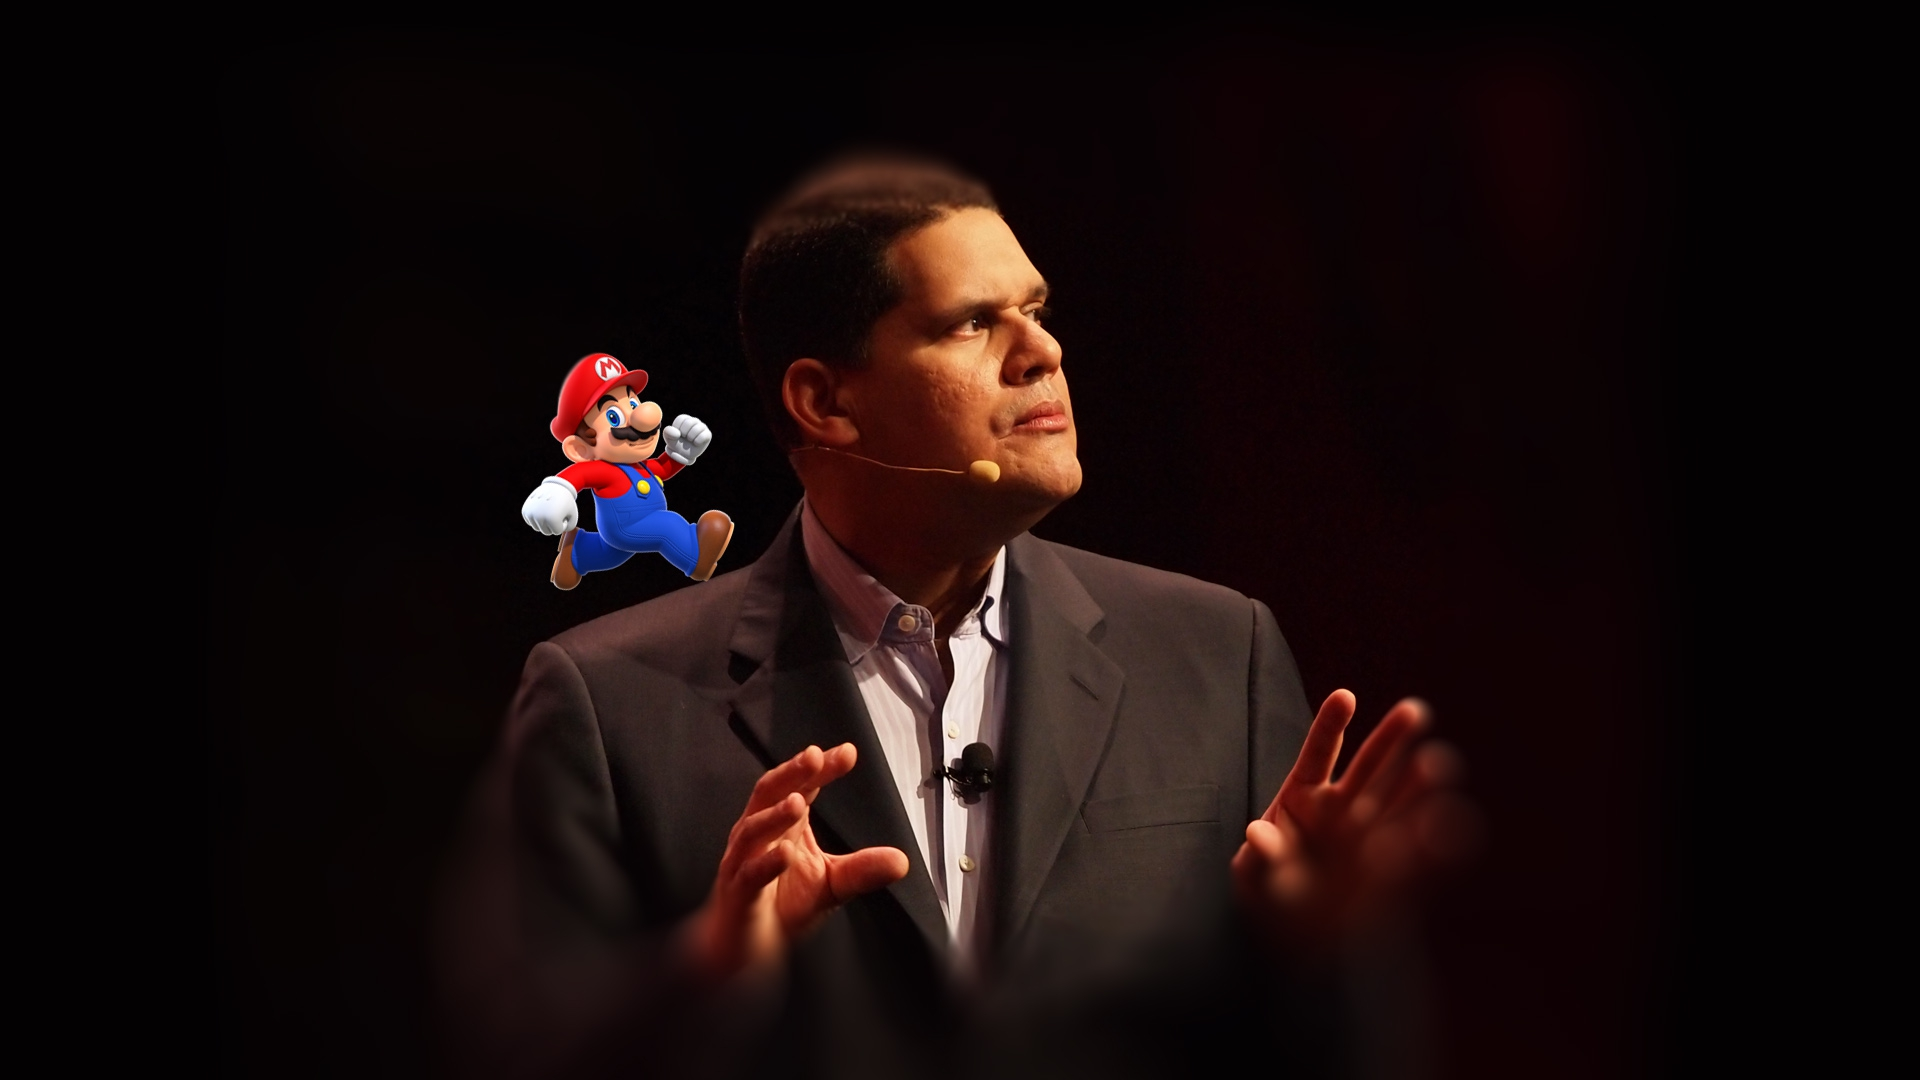 Reggie Fils-Aime chiuderà la propria esperienza in Nintendo ad aprile